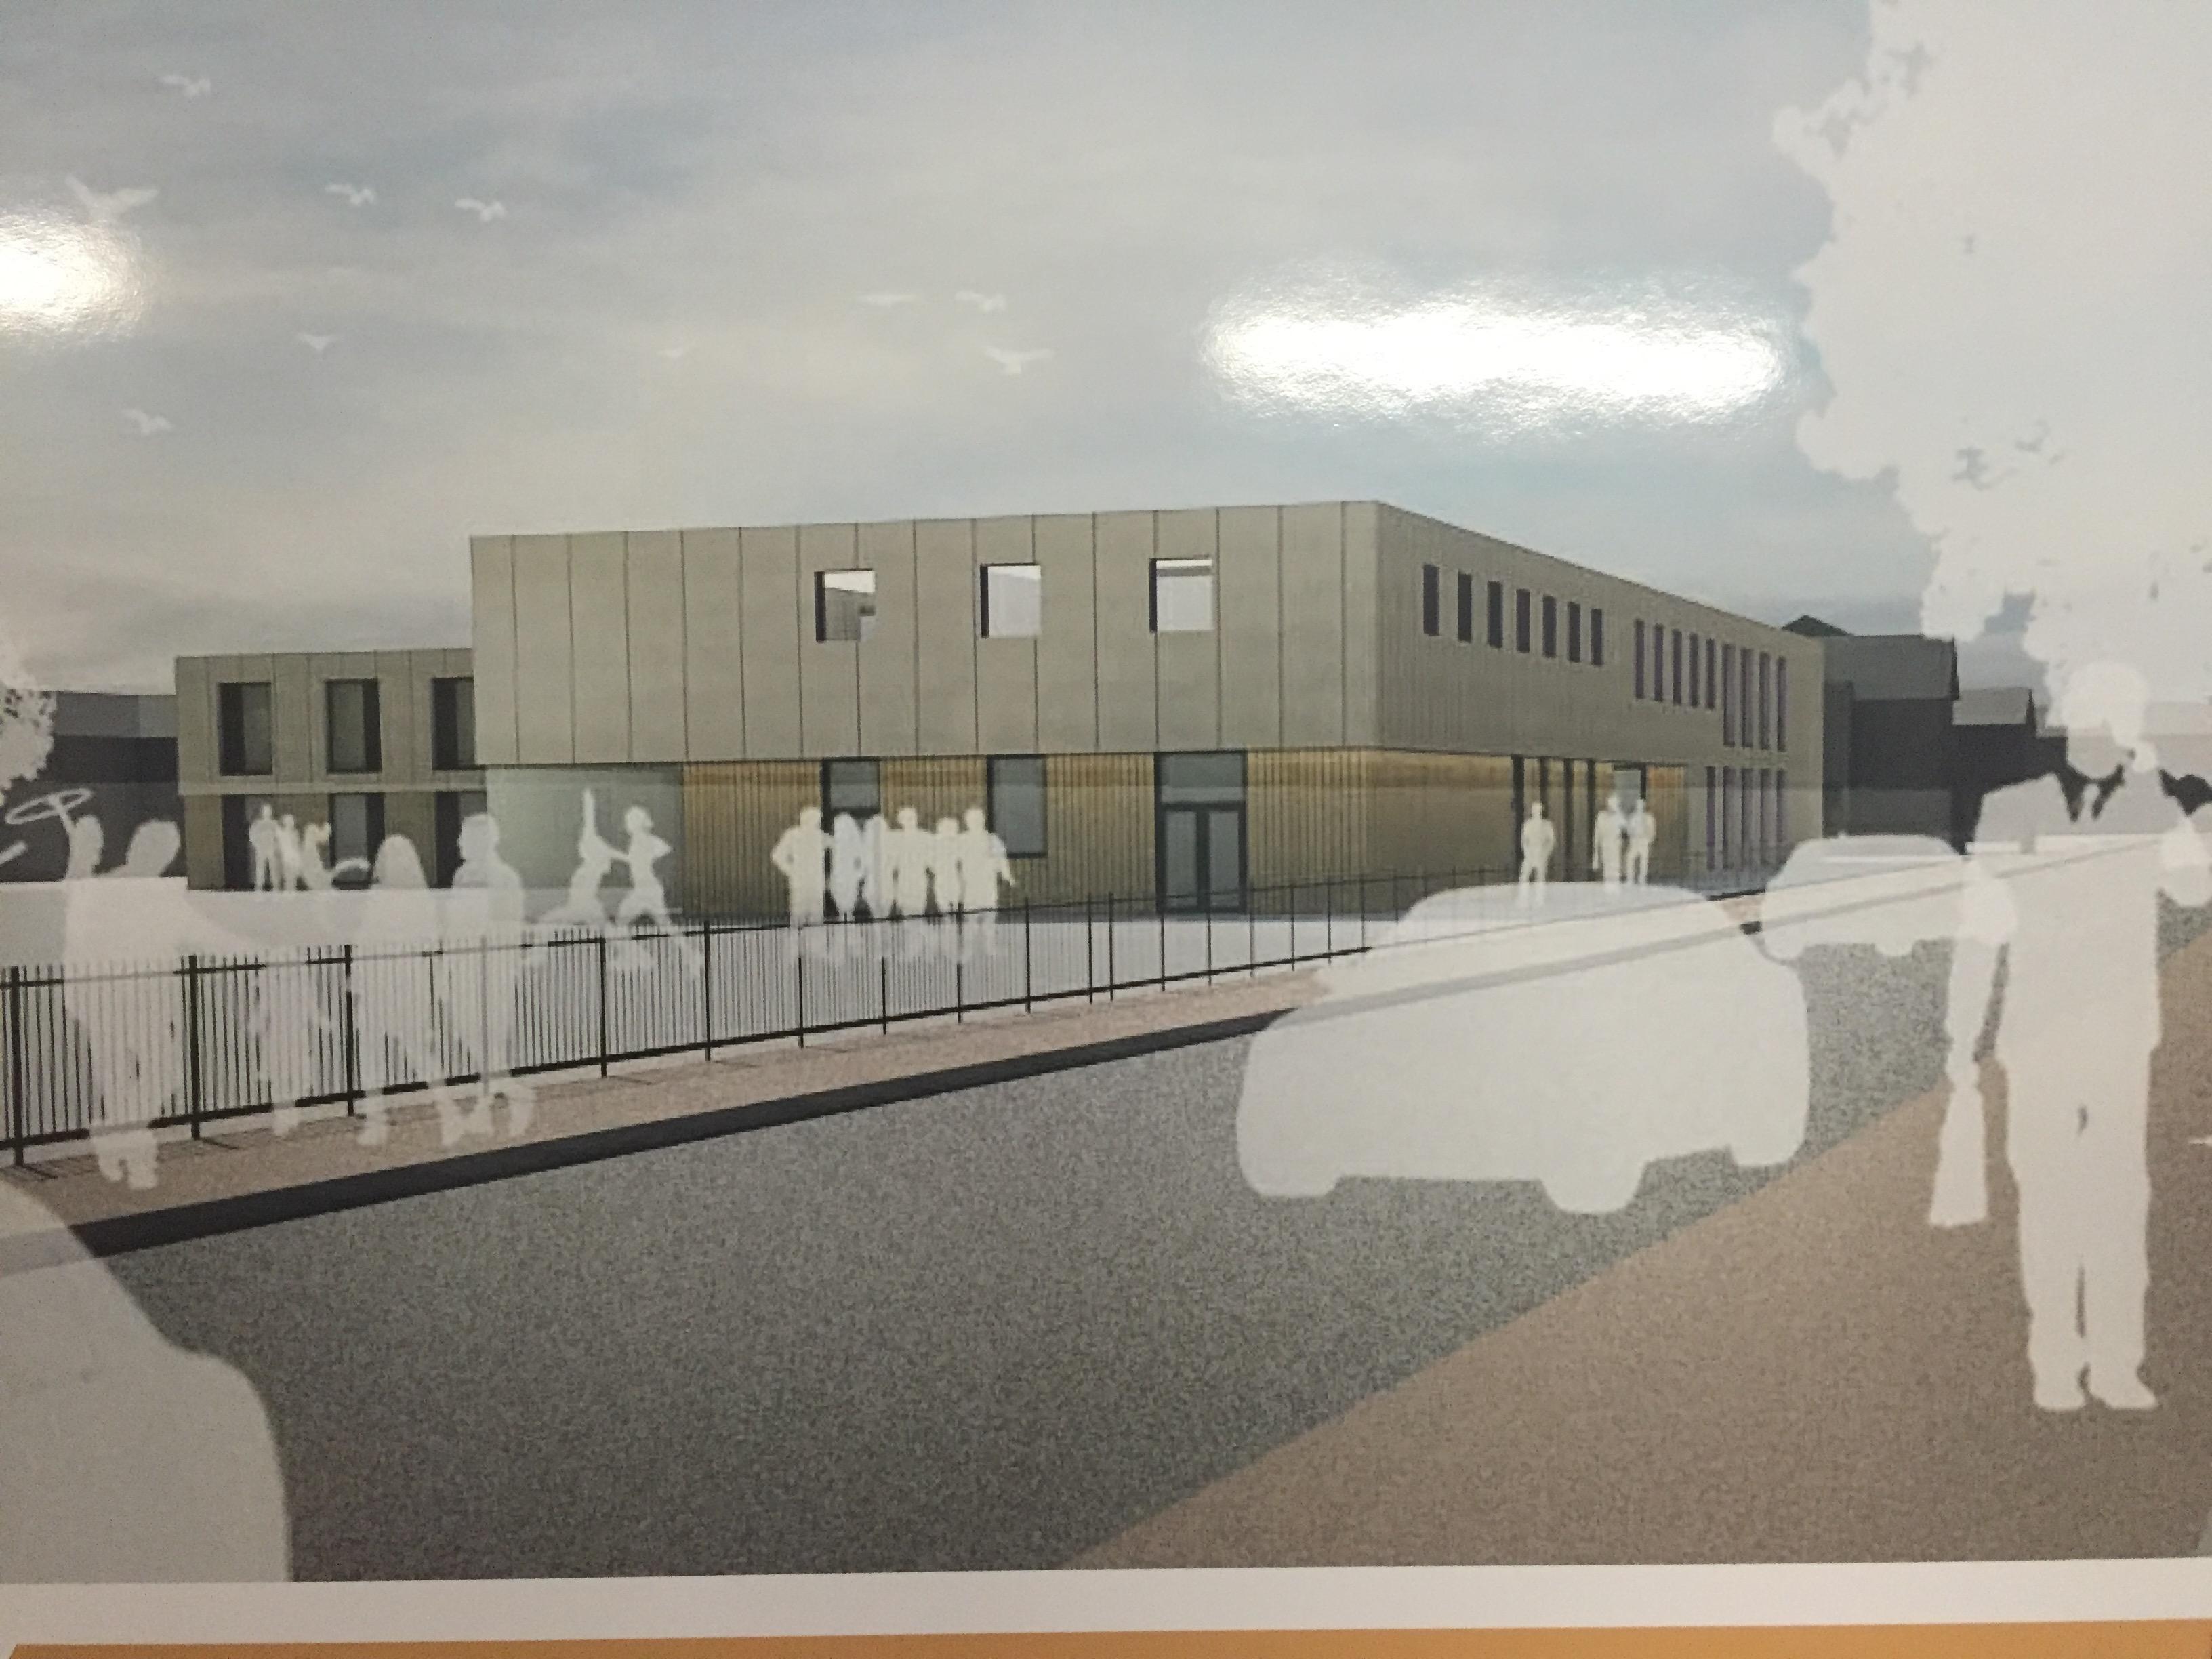 Selwyn school details of planning application